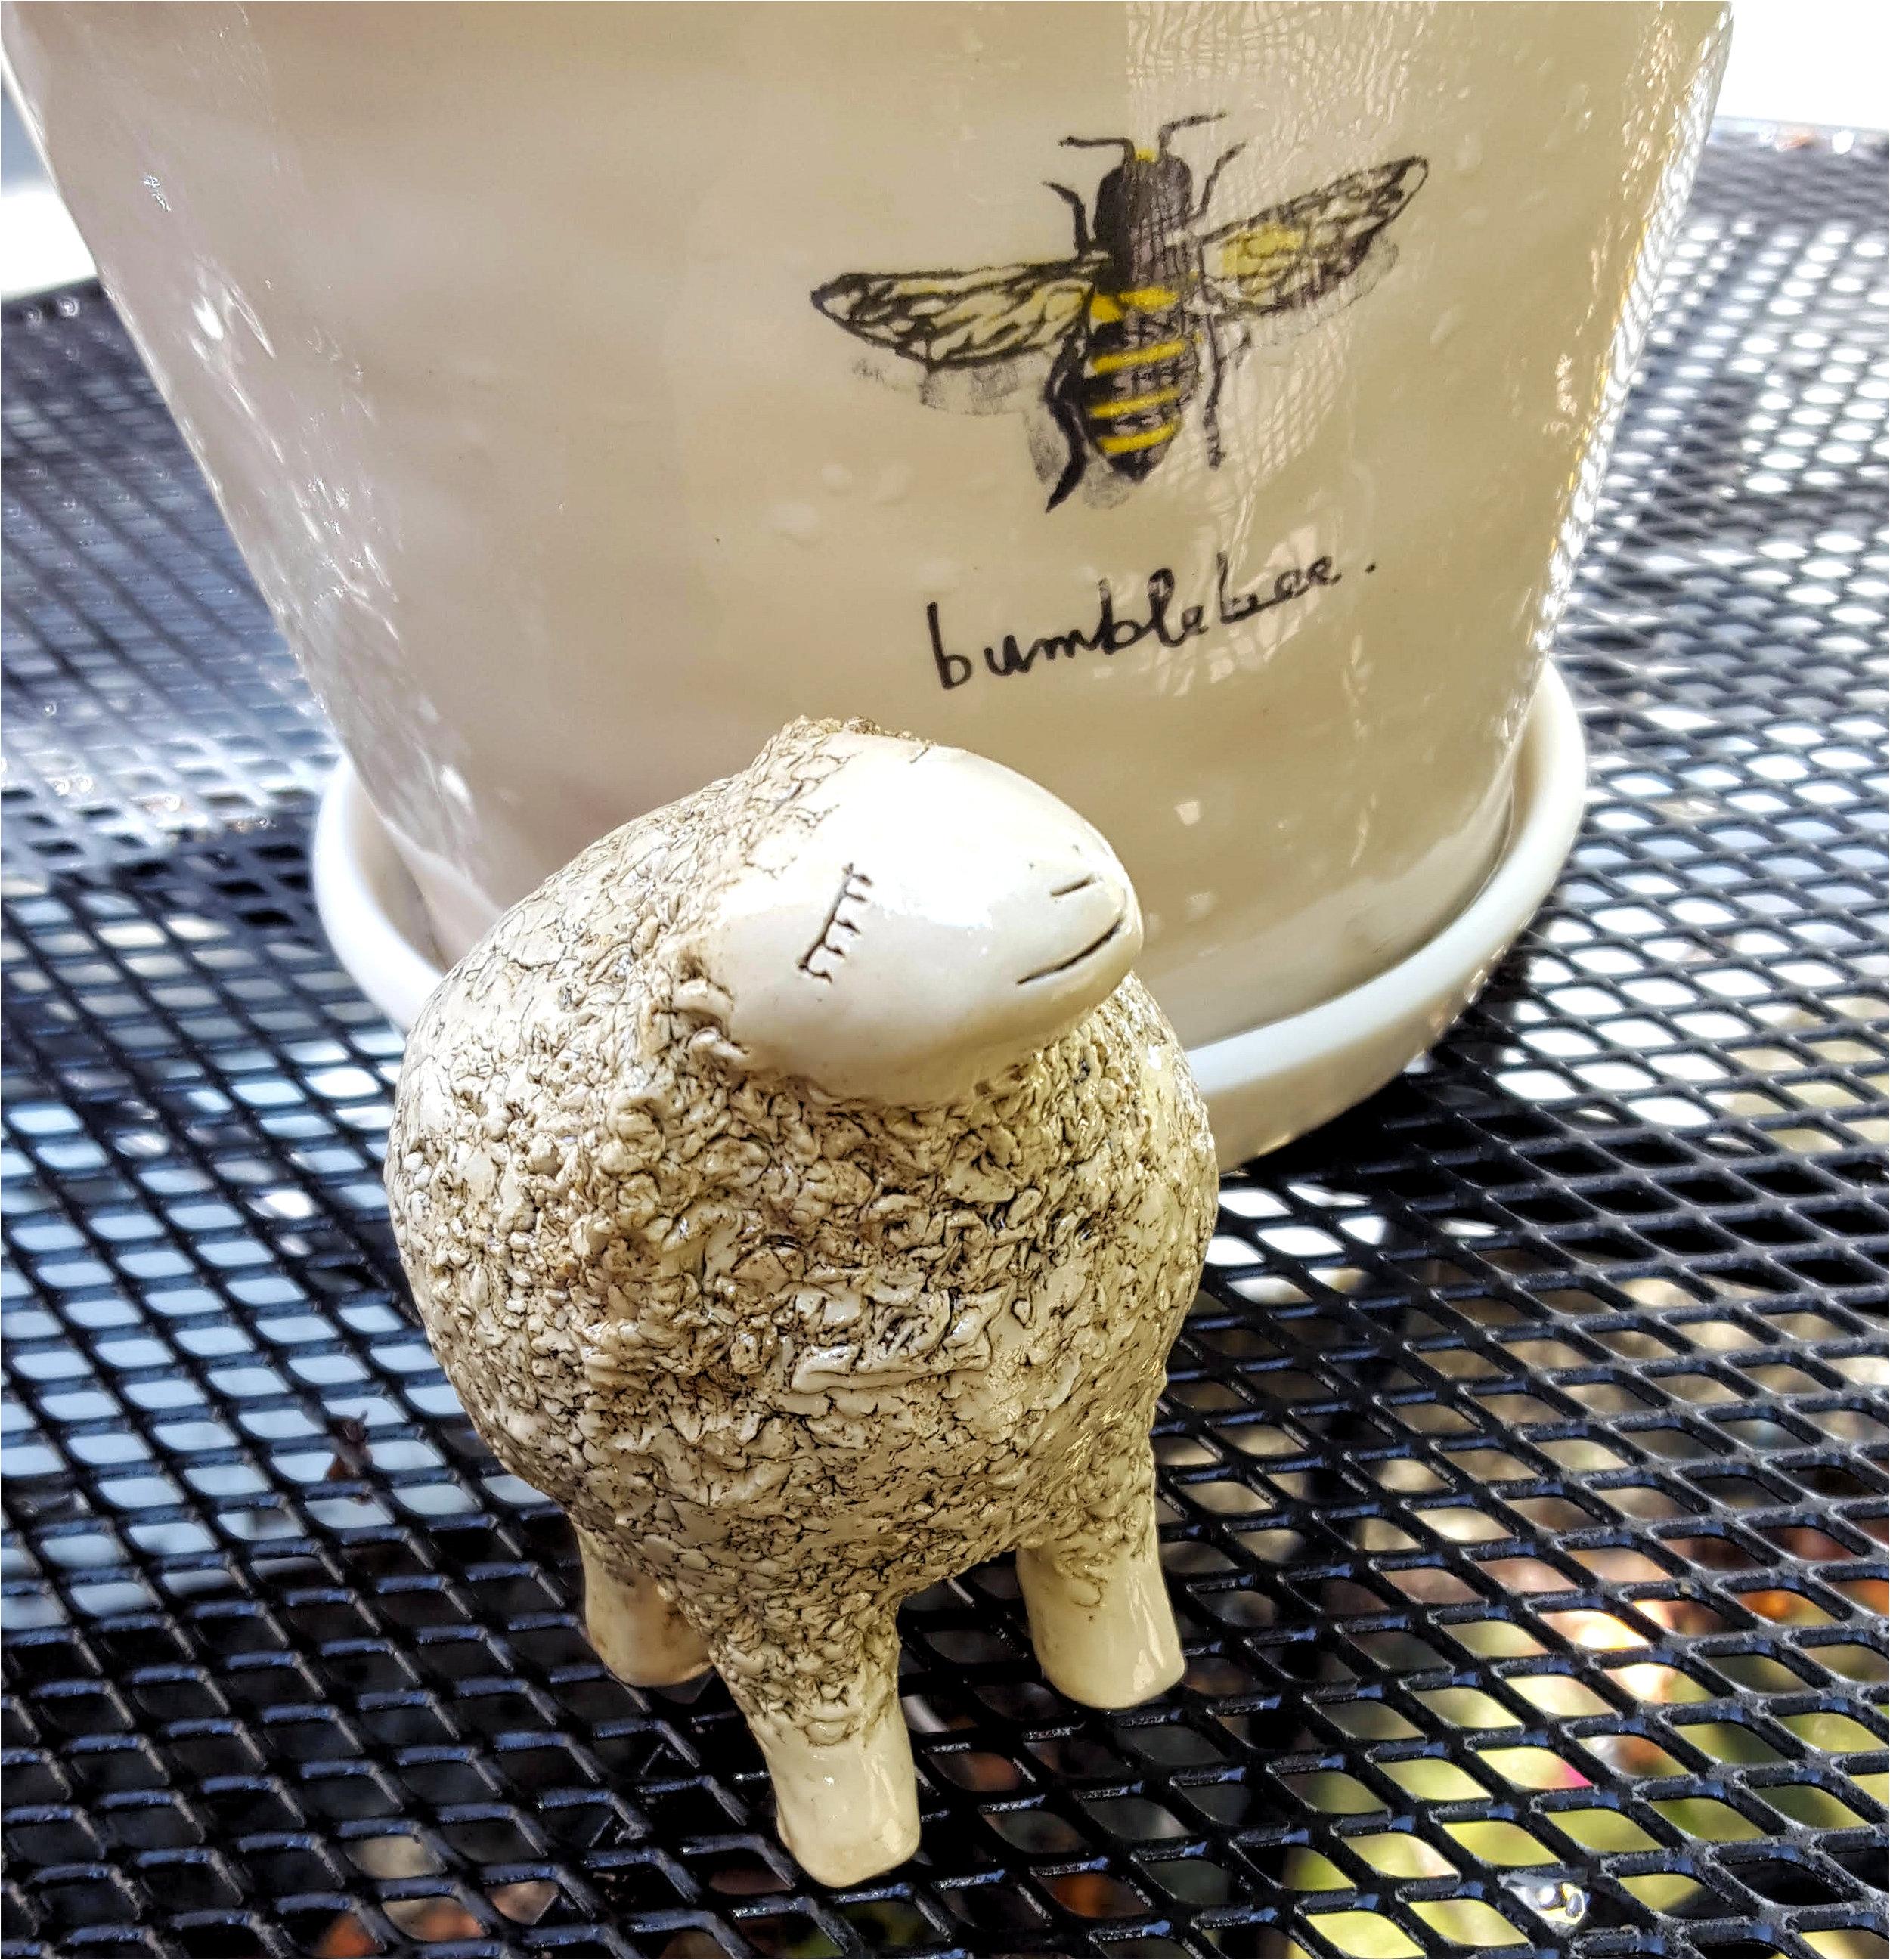 sheep on table outside.jpg